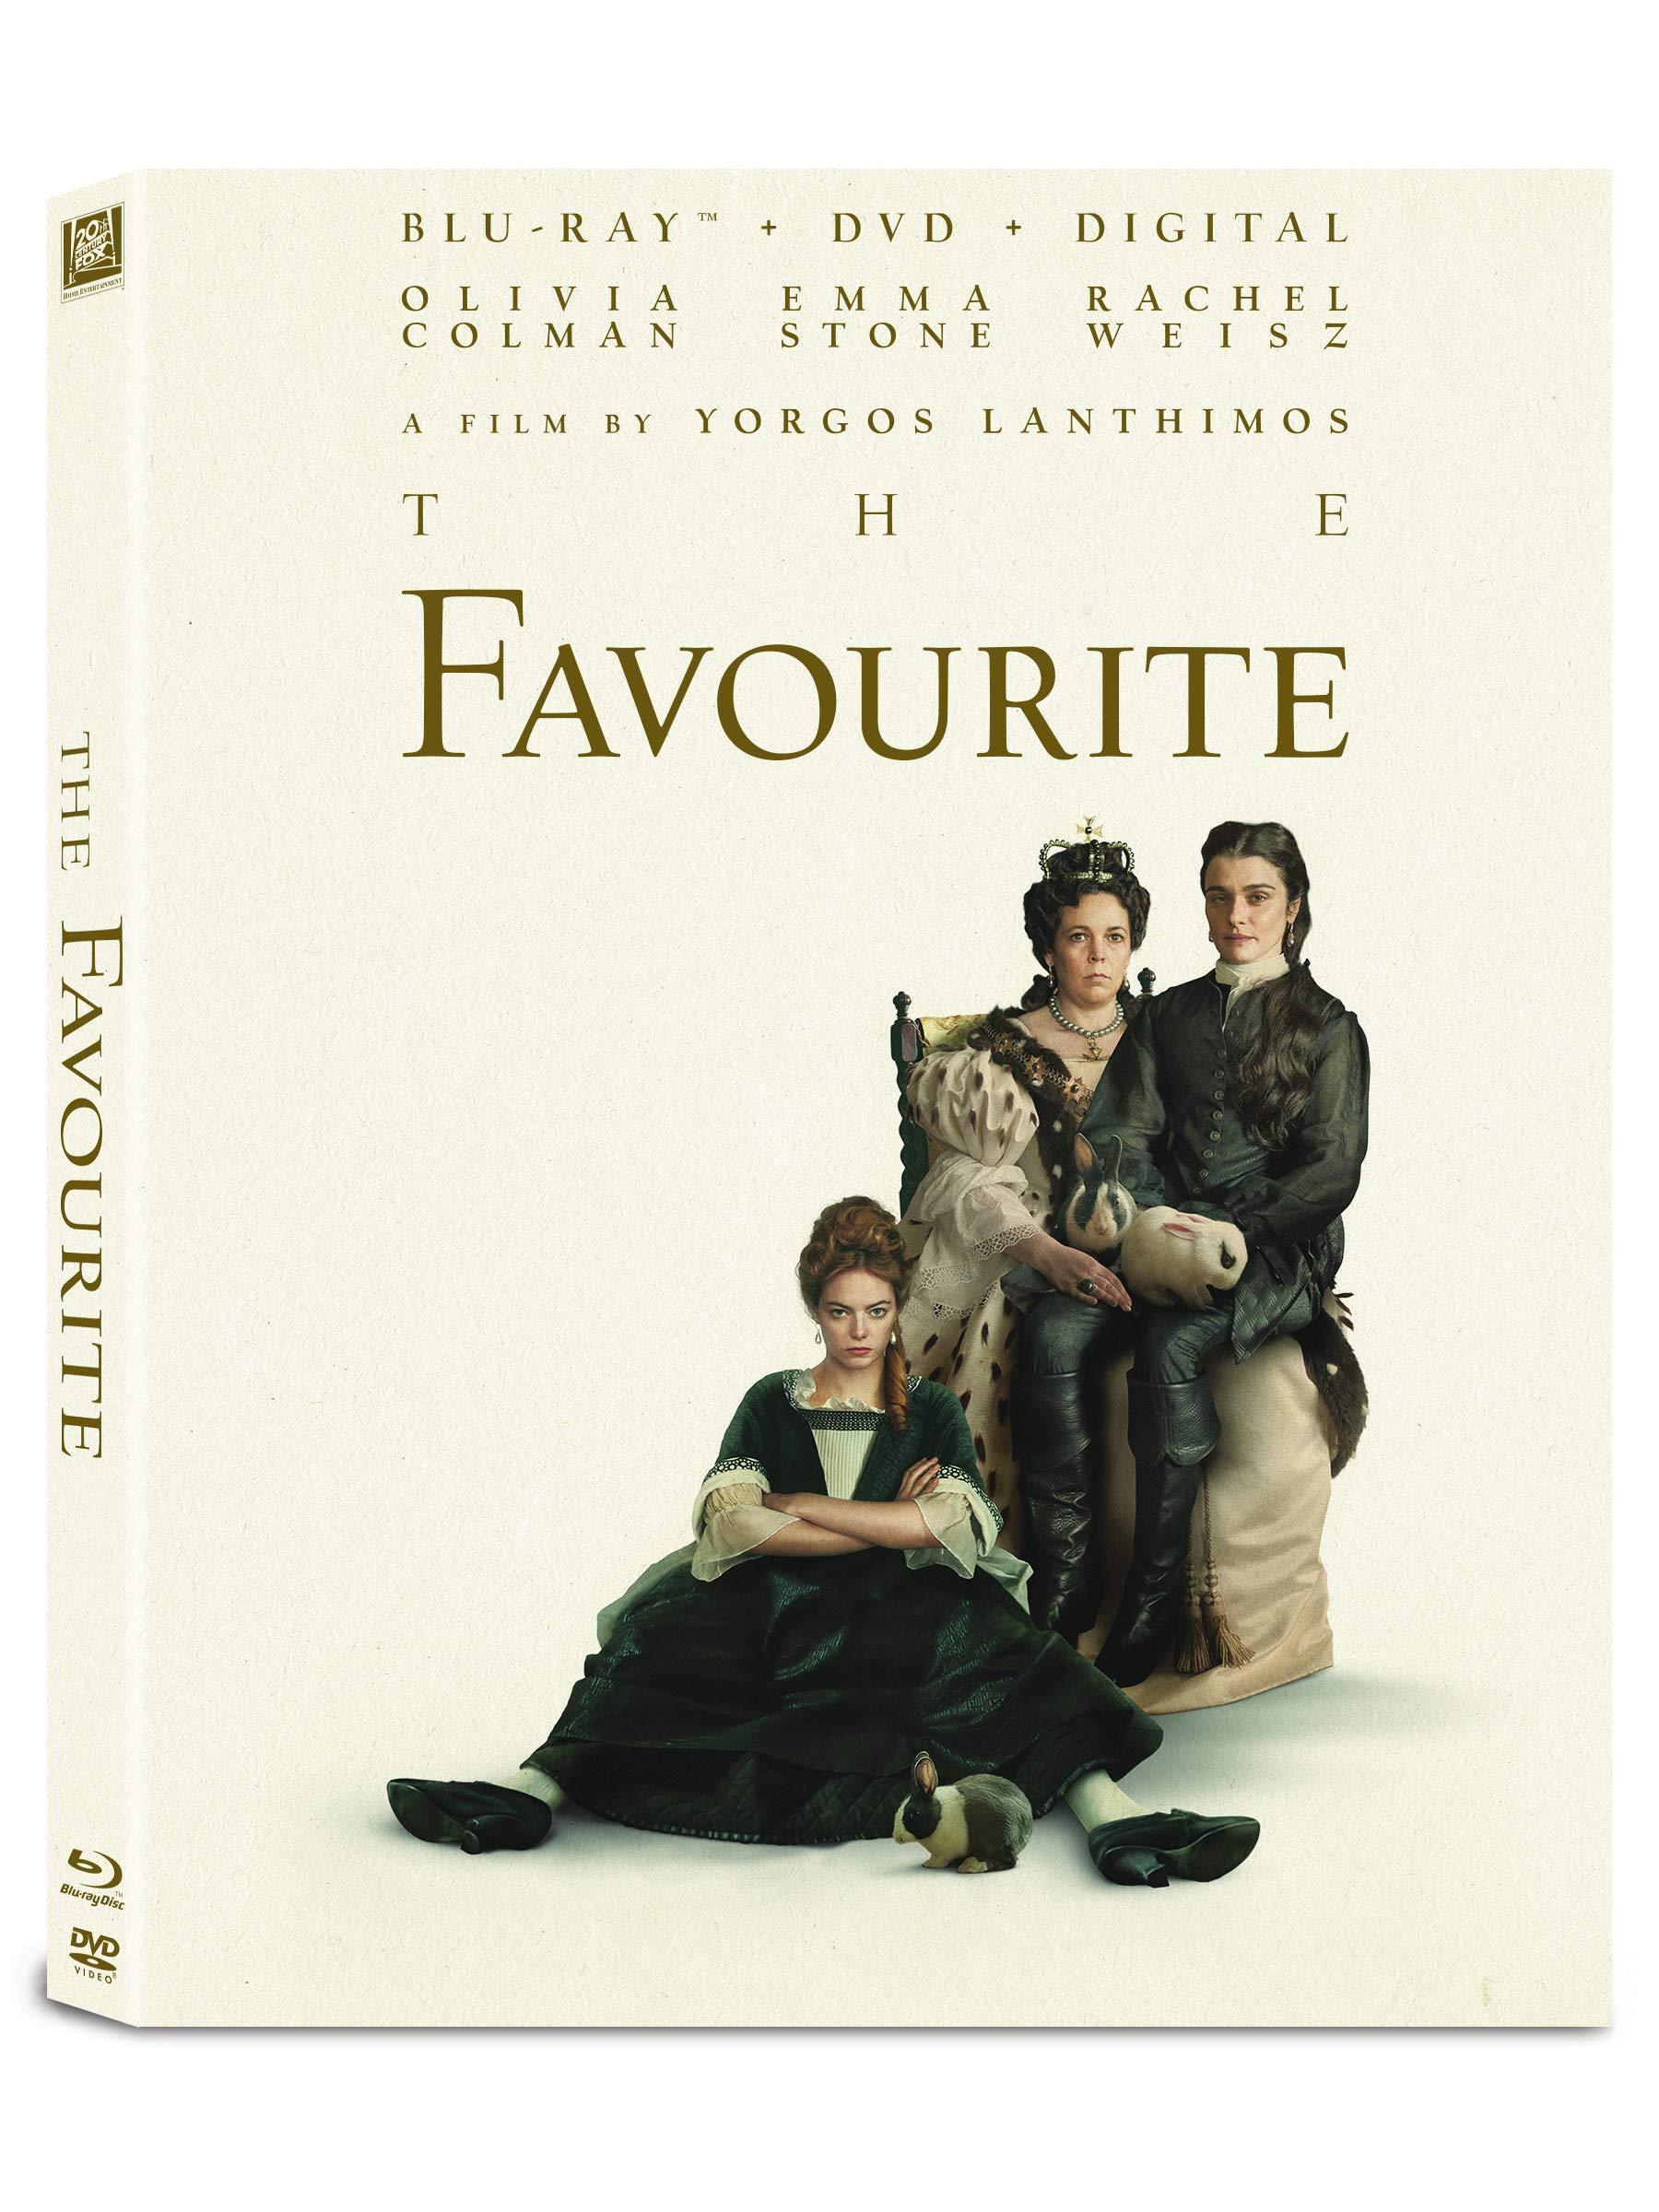 ผลการค้นหารูปภาพสำหรับ favourite dvd